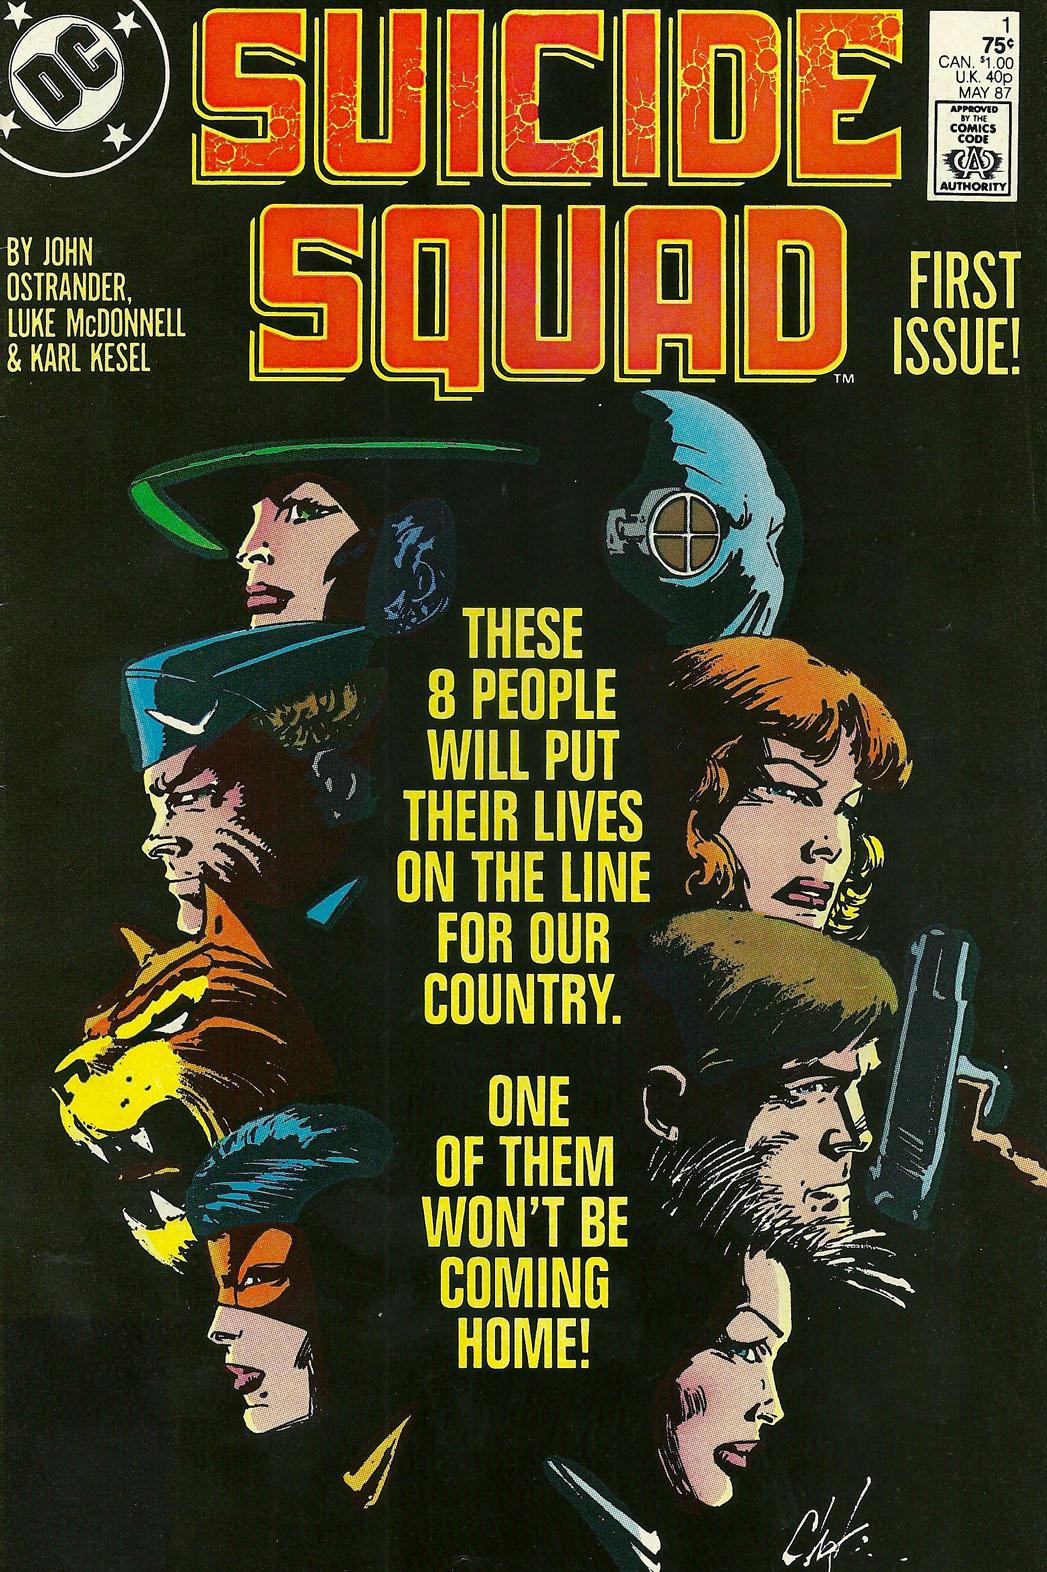 Suicide Squad Issue 1 - P 2014